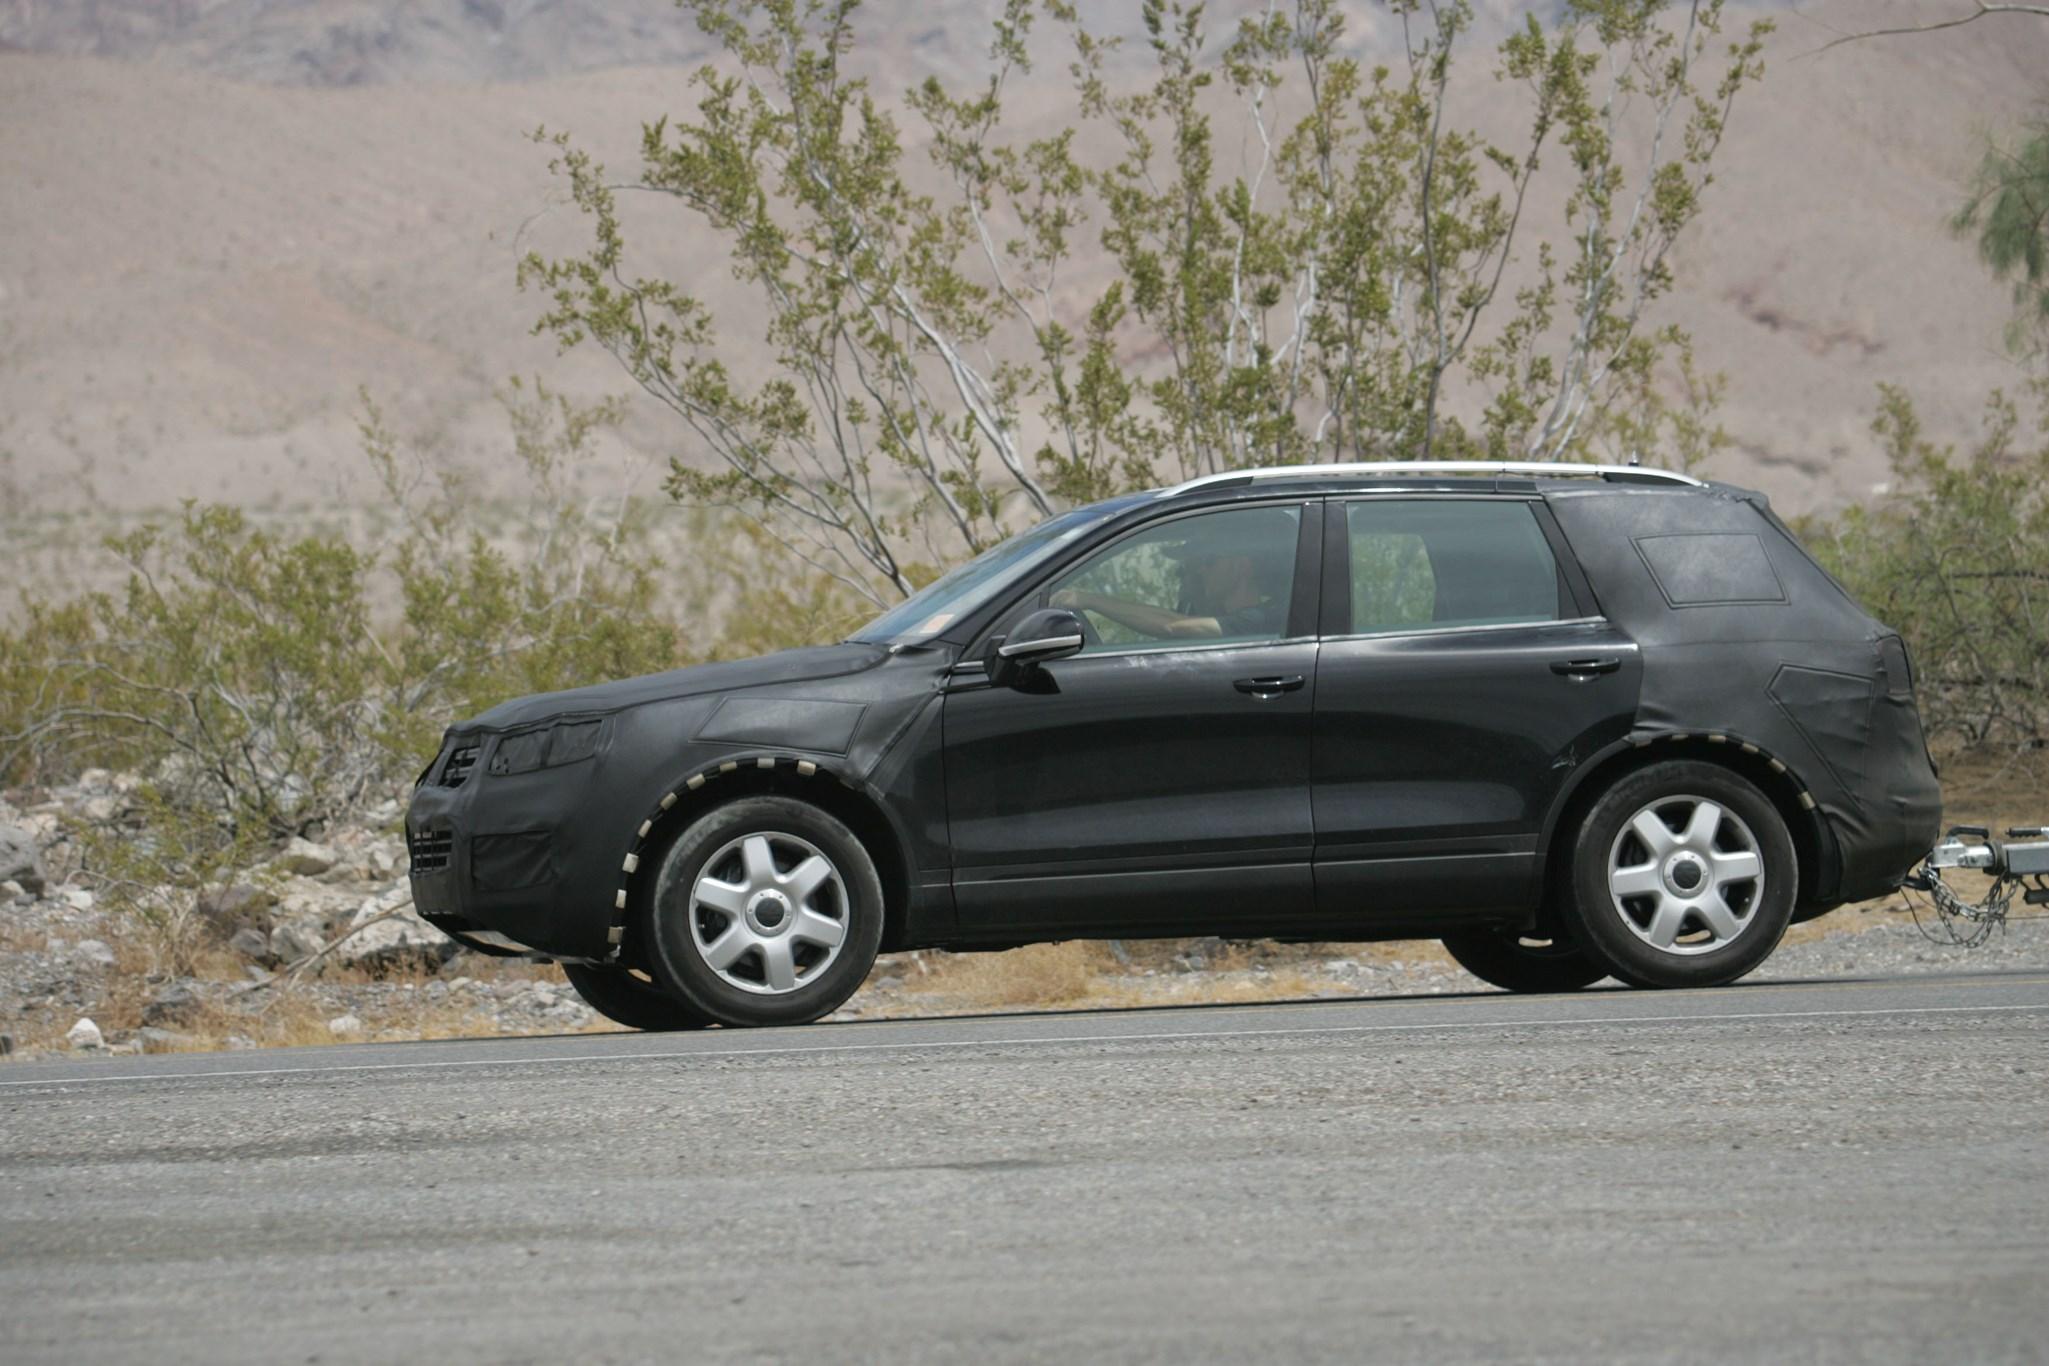 VW Touareg, VW Sharan, VW Phaeton